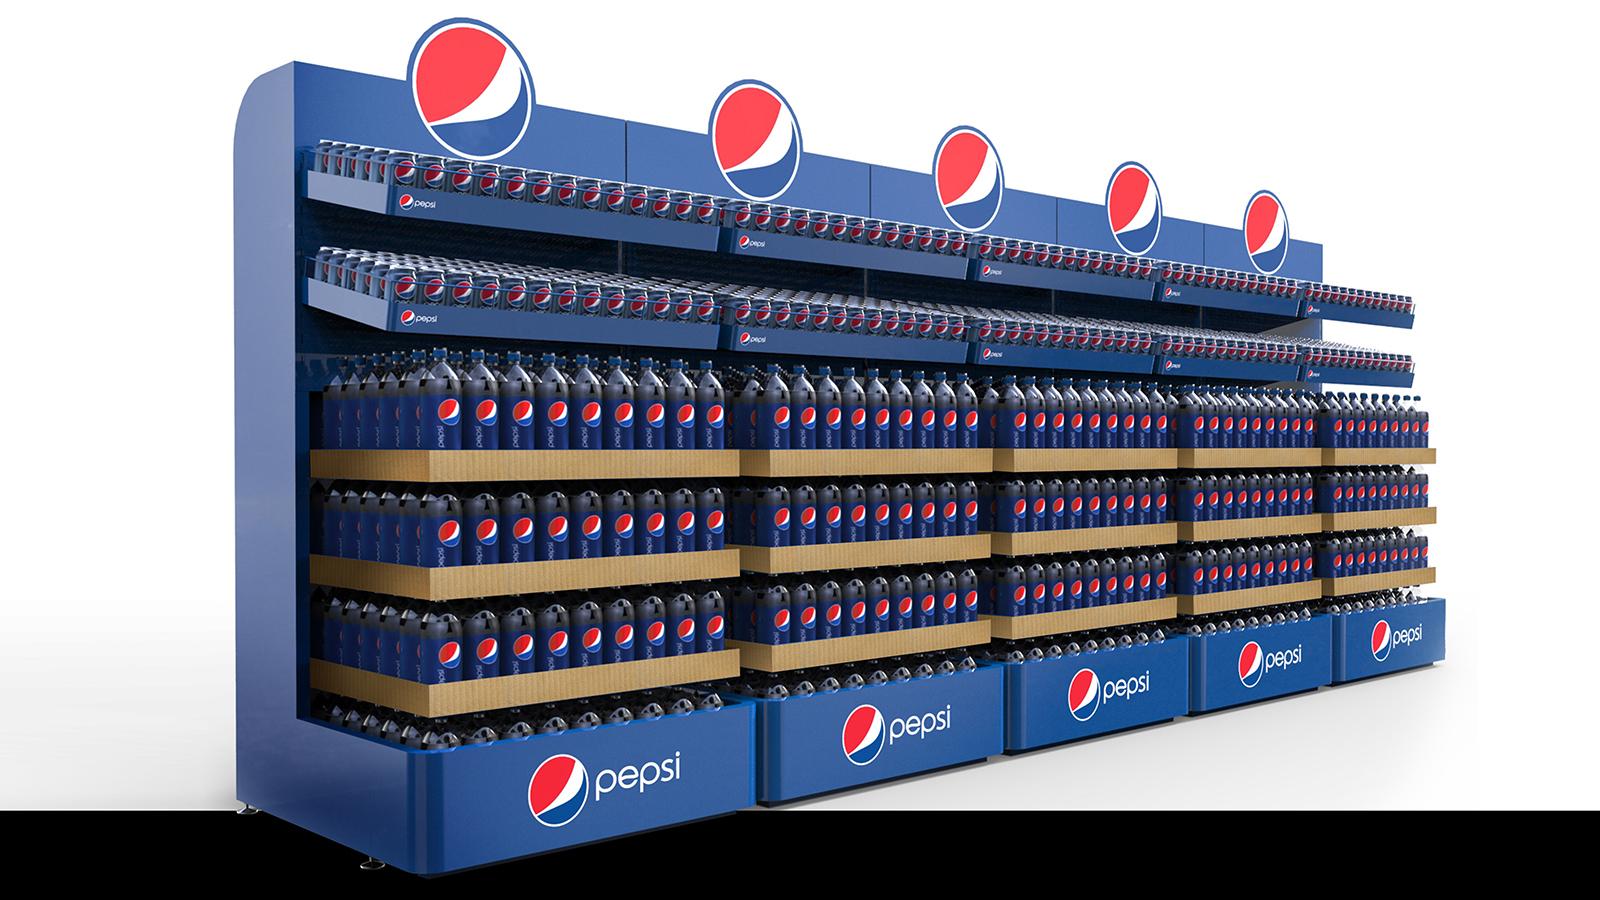 Pepsi Floor Display2 copy.jpg